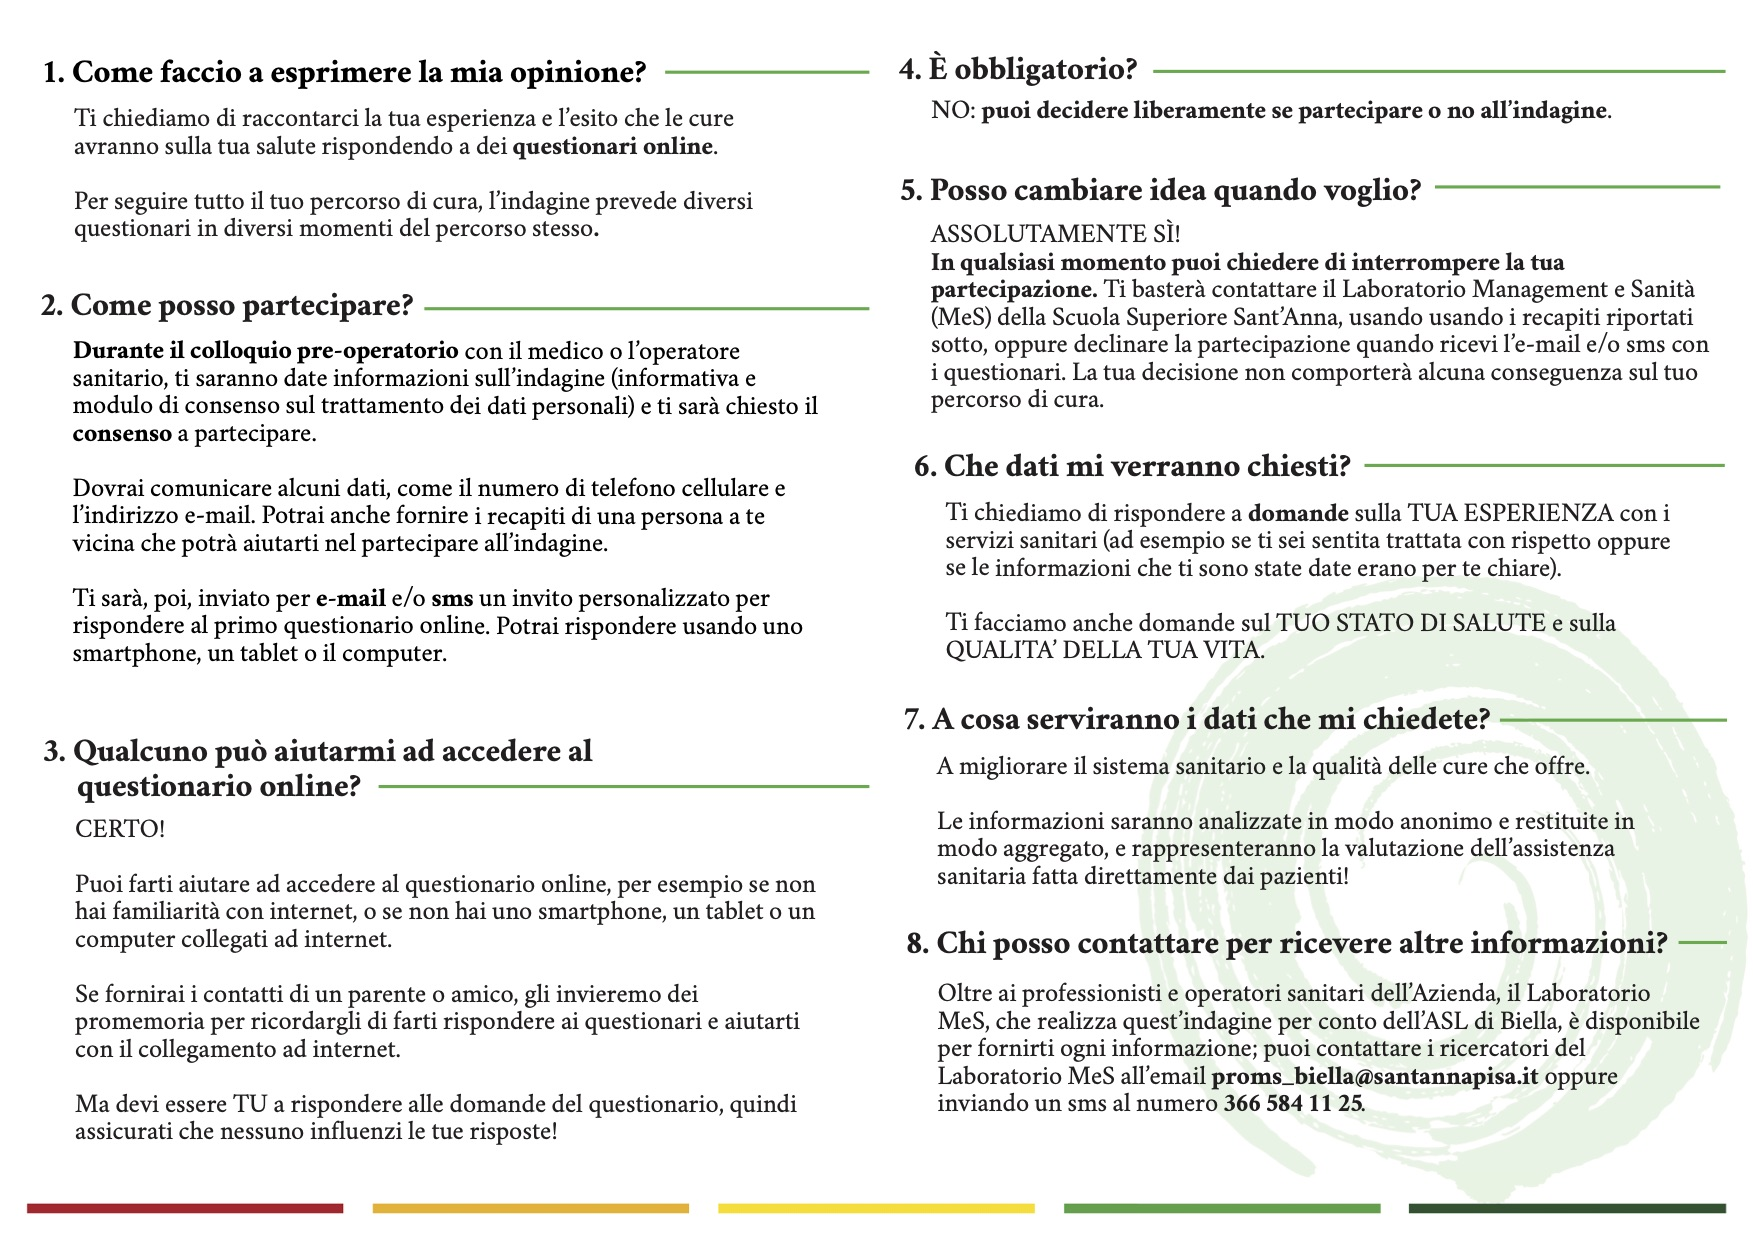 Brochure PROMs Biella 2